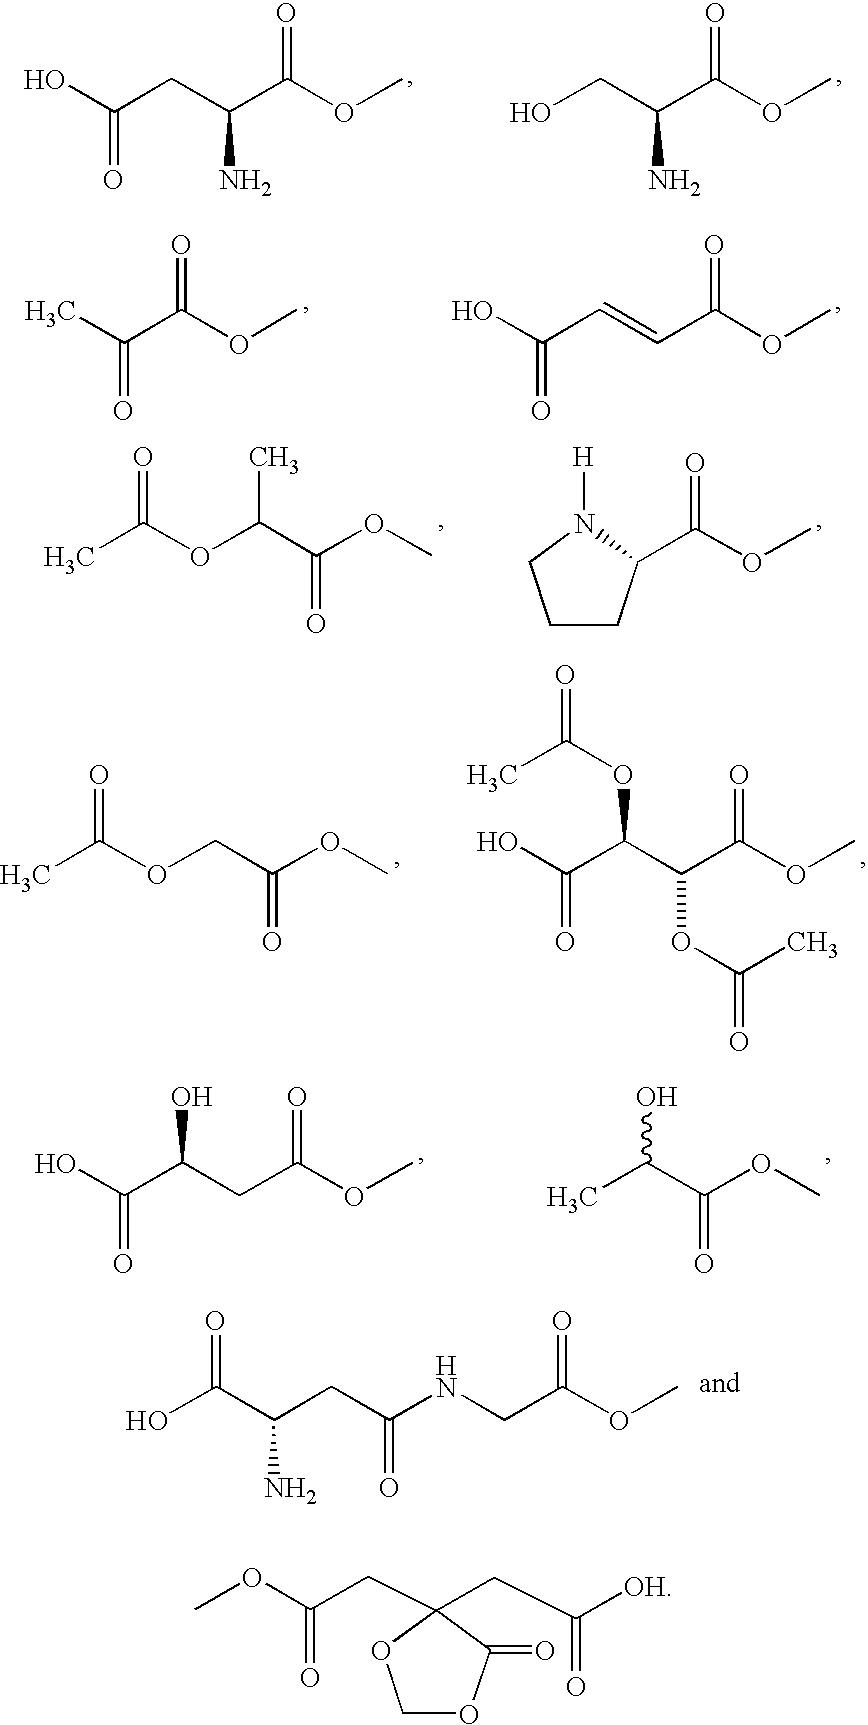 Figure US20070015741A1-20070118-C00025